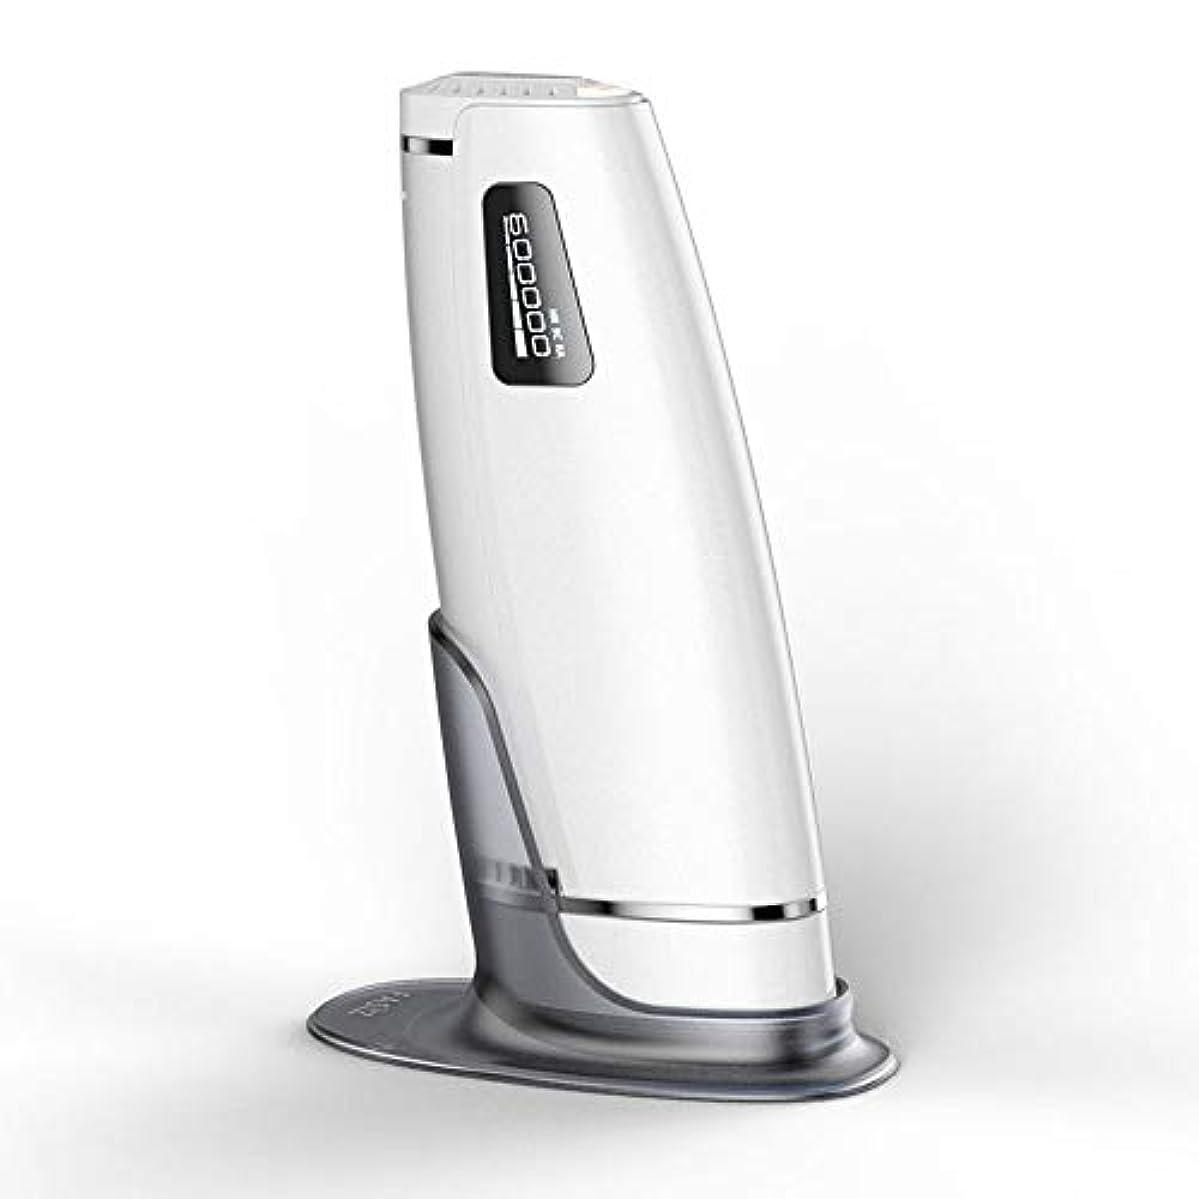 ゲージ安定ええ家庭用自動痛みのない毛の除去剤、白、携帯用永久的な毛の除去剤、二重モード、5つの速度調節、サイズ20.5 X 4.5 X 7 Cm 髪以外はきれい